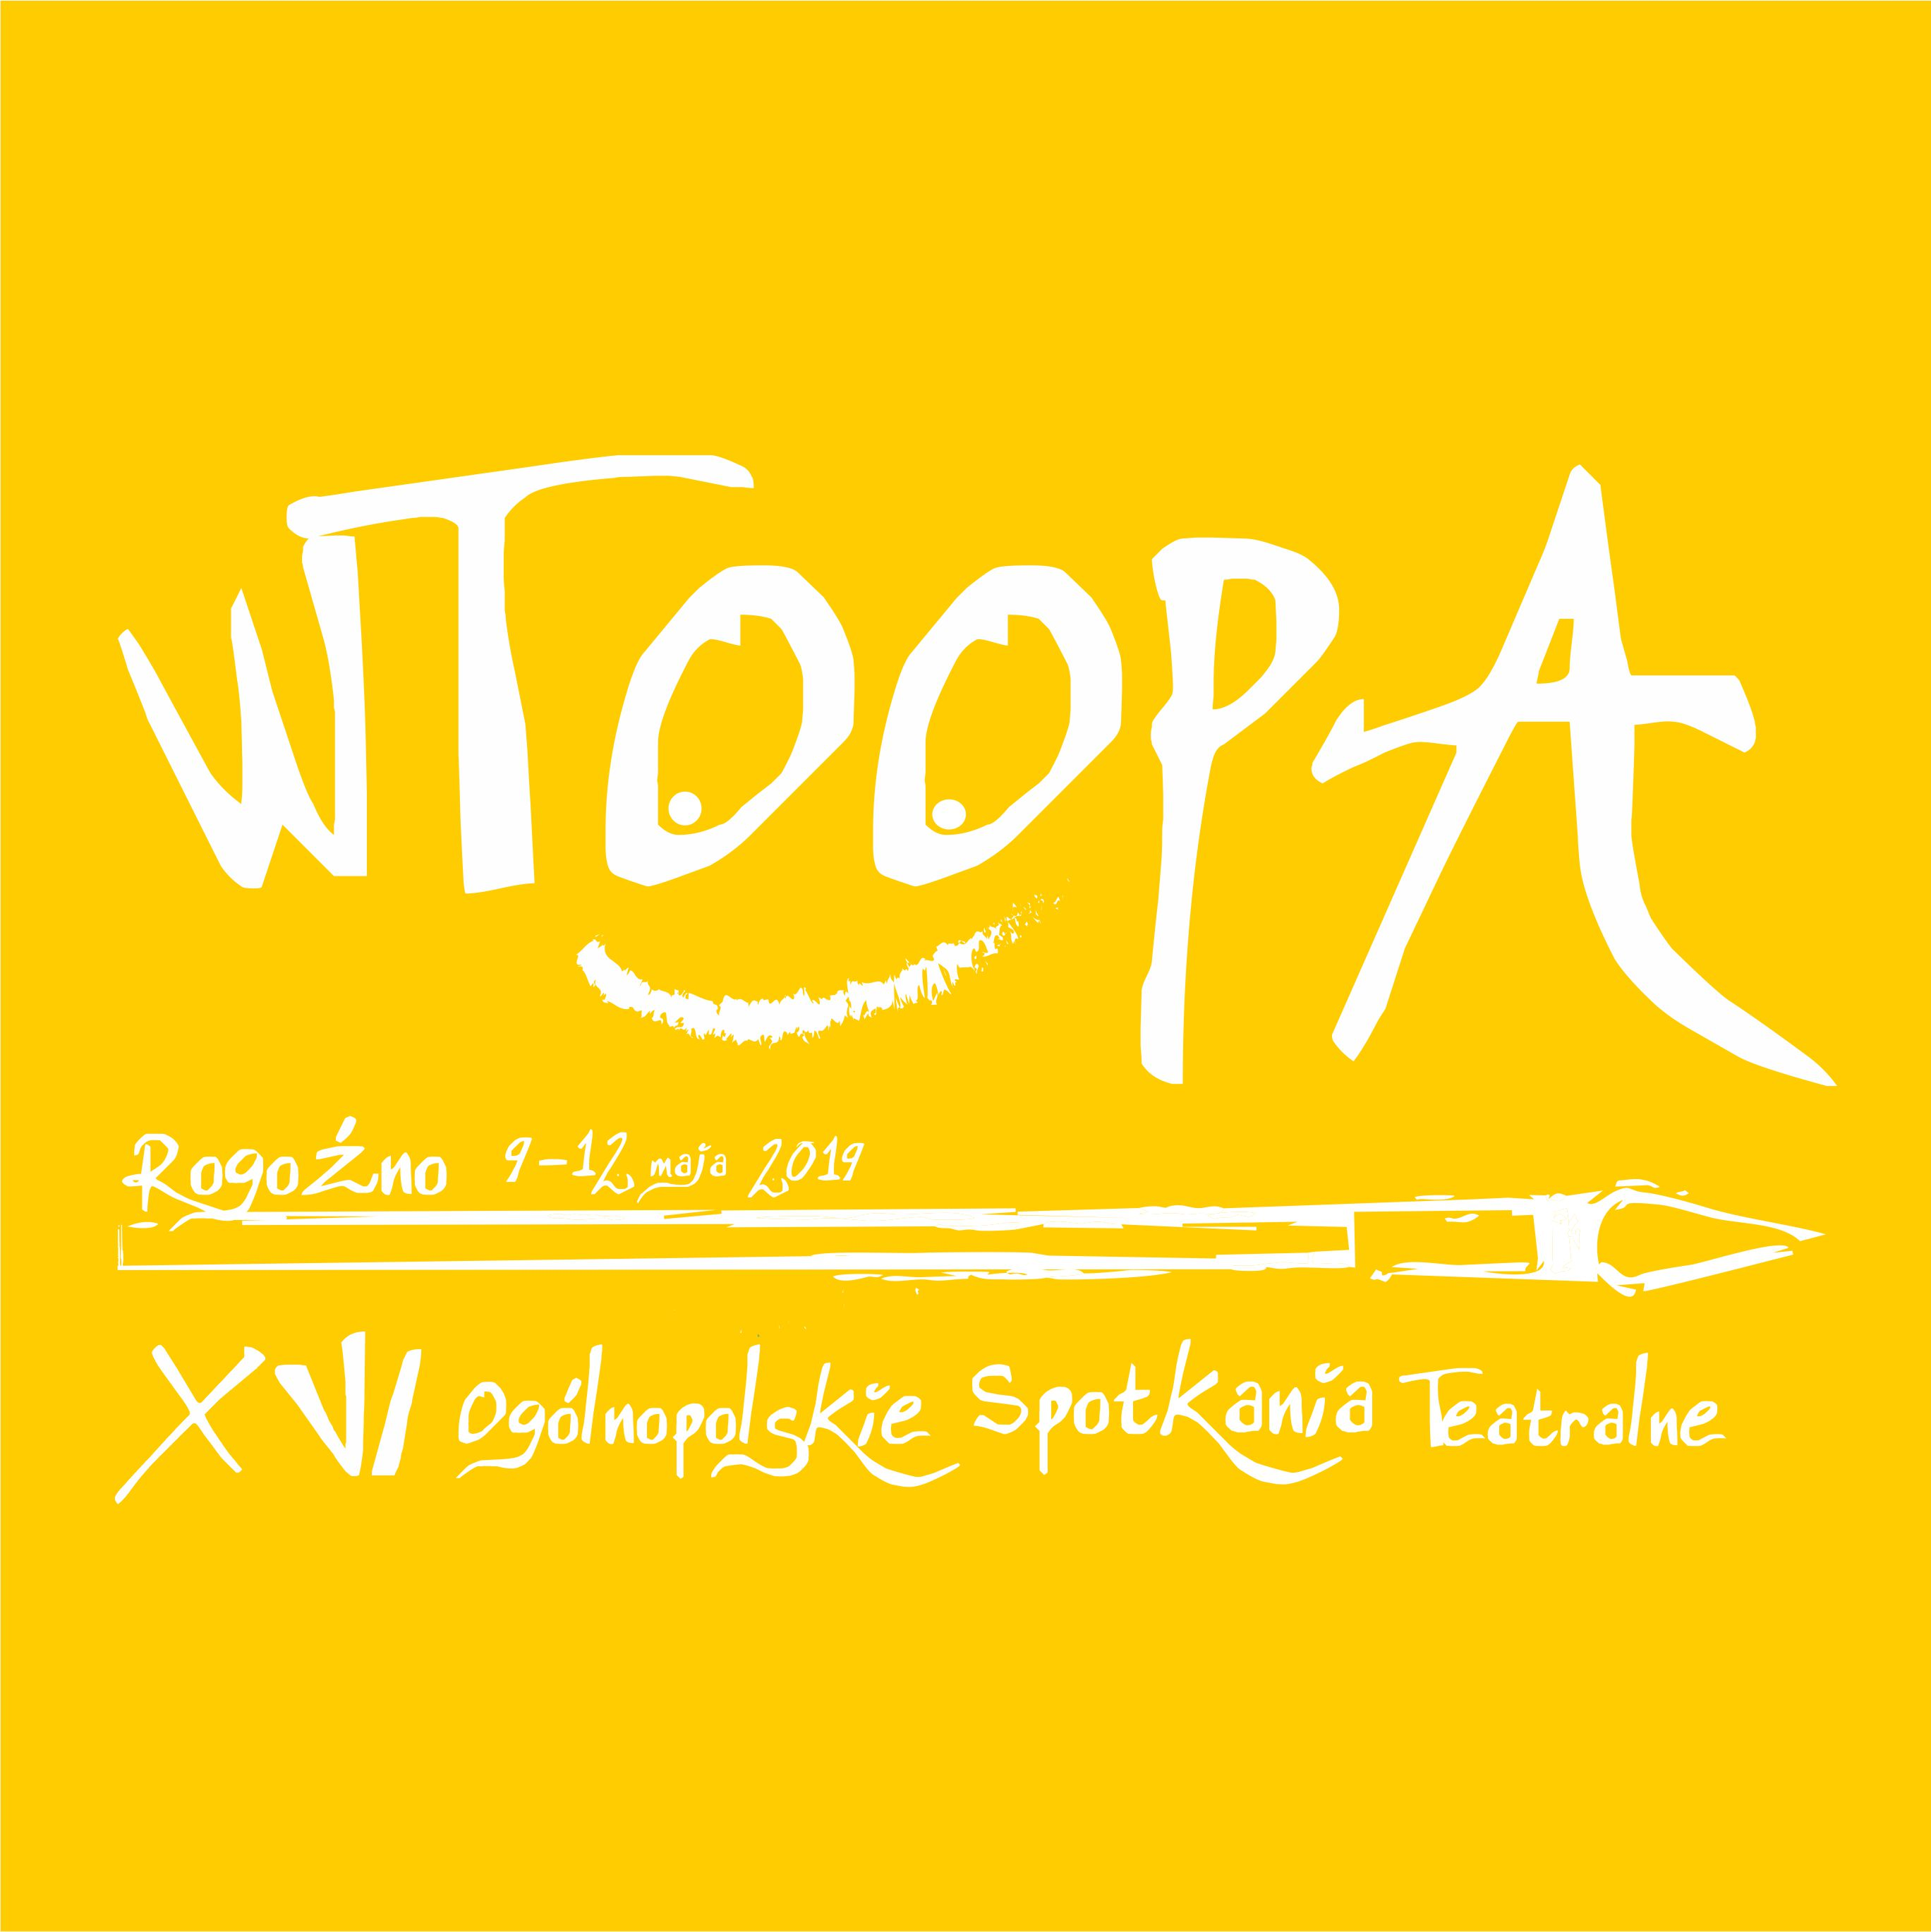 XVI WTOOPA Rogoźno 2019 | Szesnaste Ogólnopolskie Spotkania Teatralne